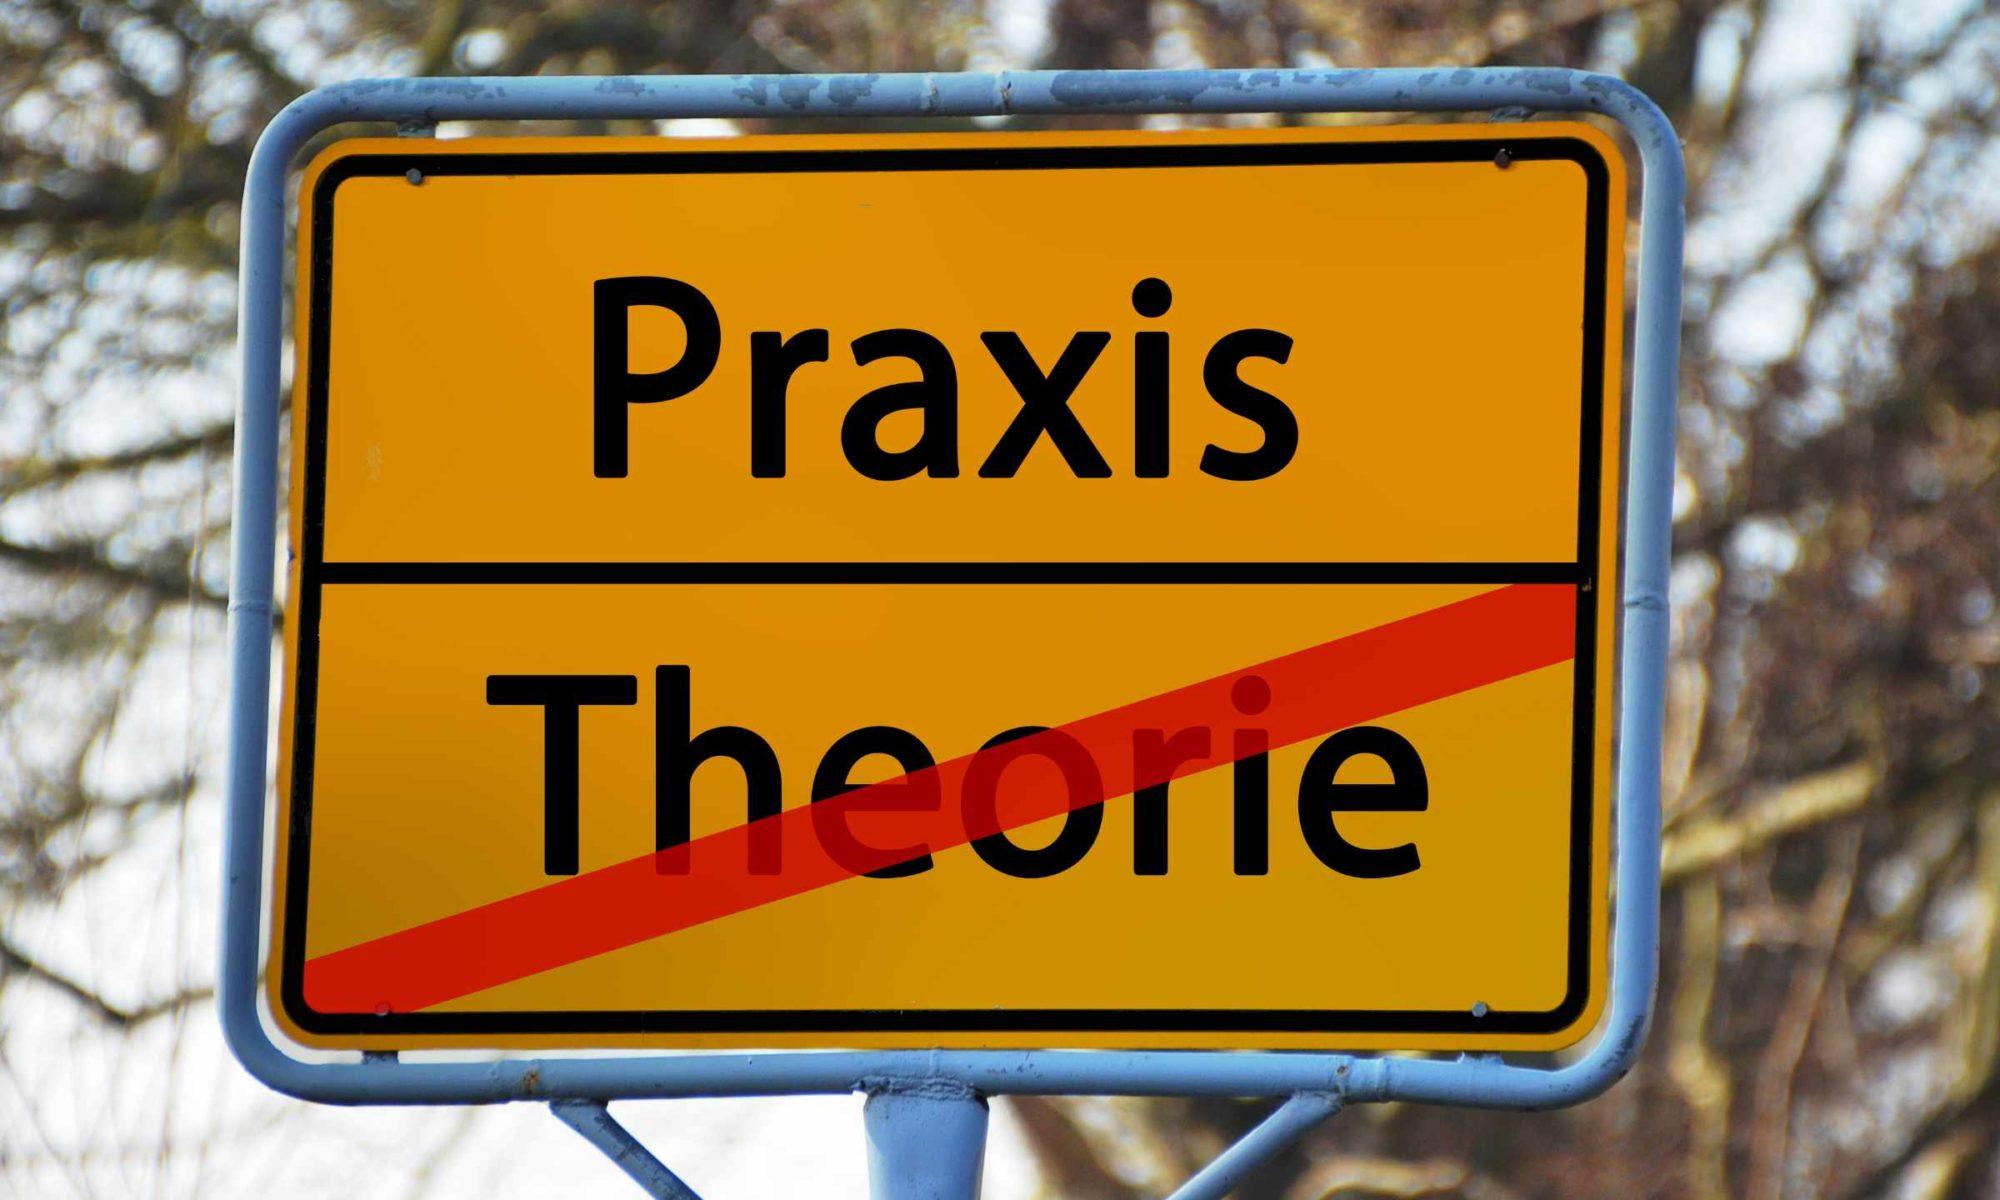 Der Unterschied zwischen Theorie & Praxis im Lockdown. (Bild: Gerd Altmann/Pixabay)